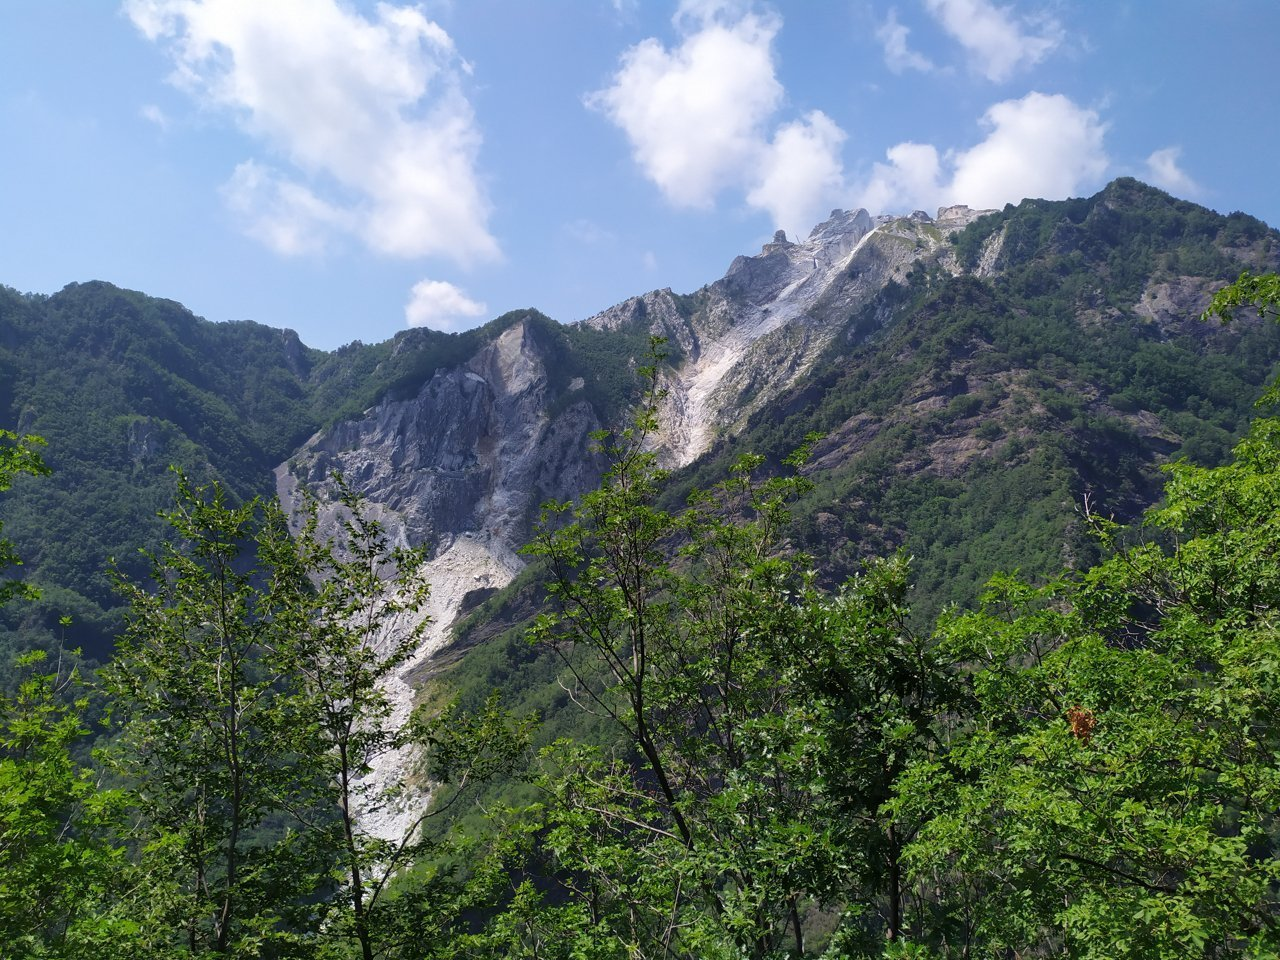 Alpi Apuane - Cava delle Cervaiole